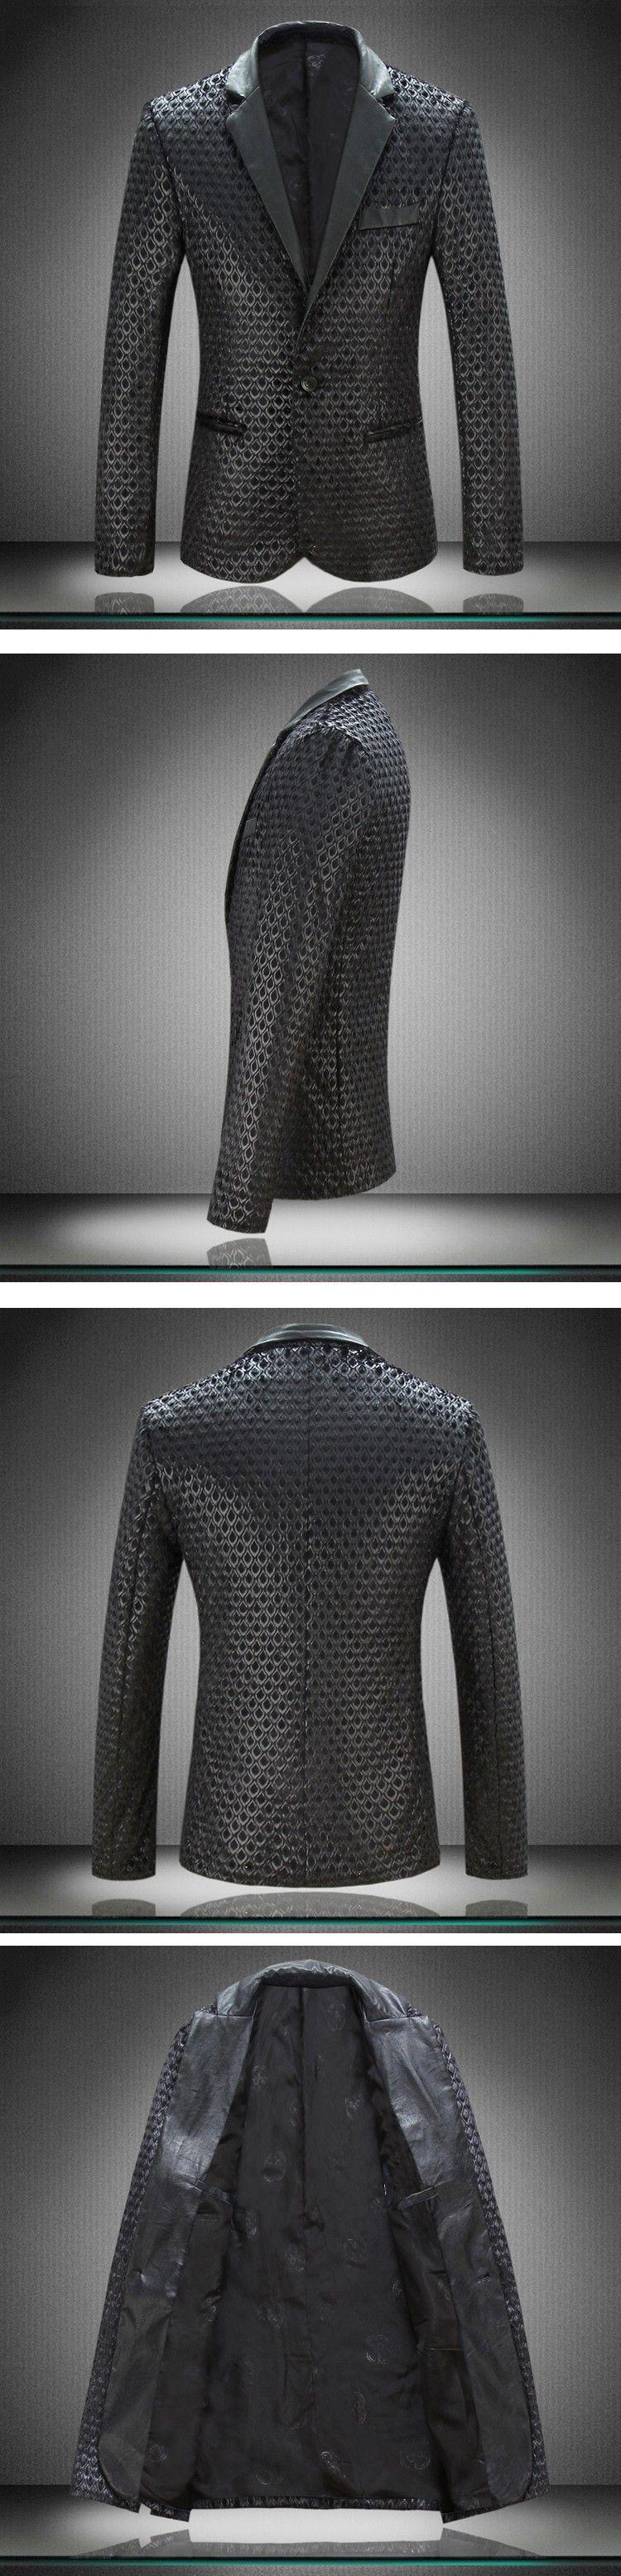 Herren Pu Leder Pelz Blazer Plus Größe M-4XL Modedesigner Schwarz Party Männer Slim Fit Blazer Homme Outdoor Mantel C1979